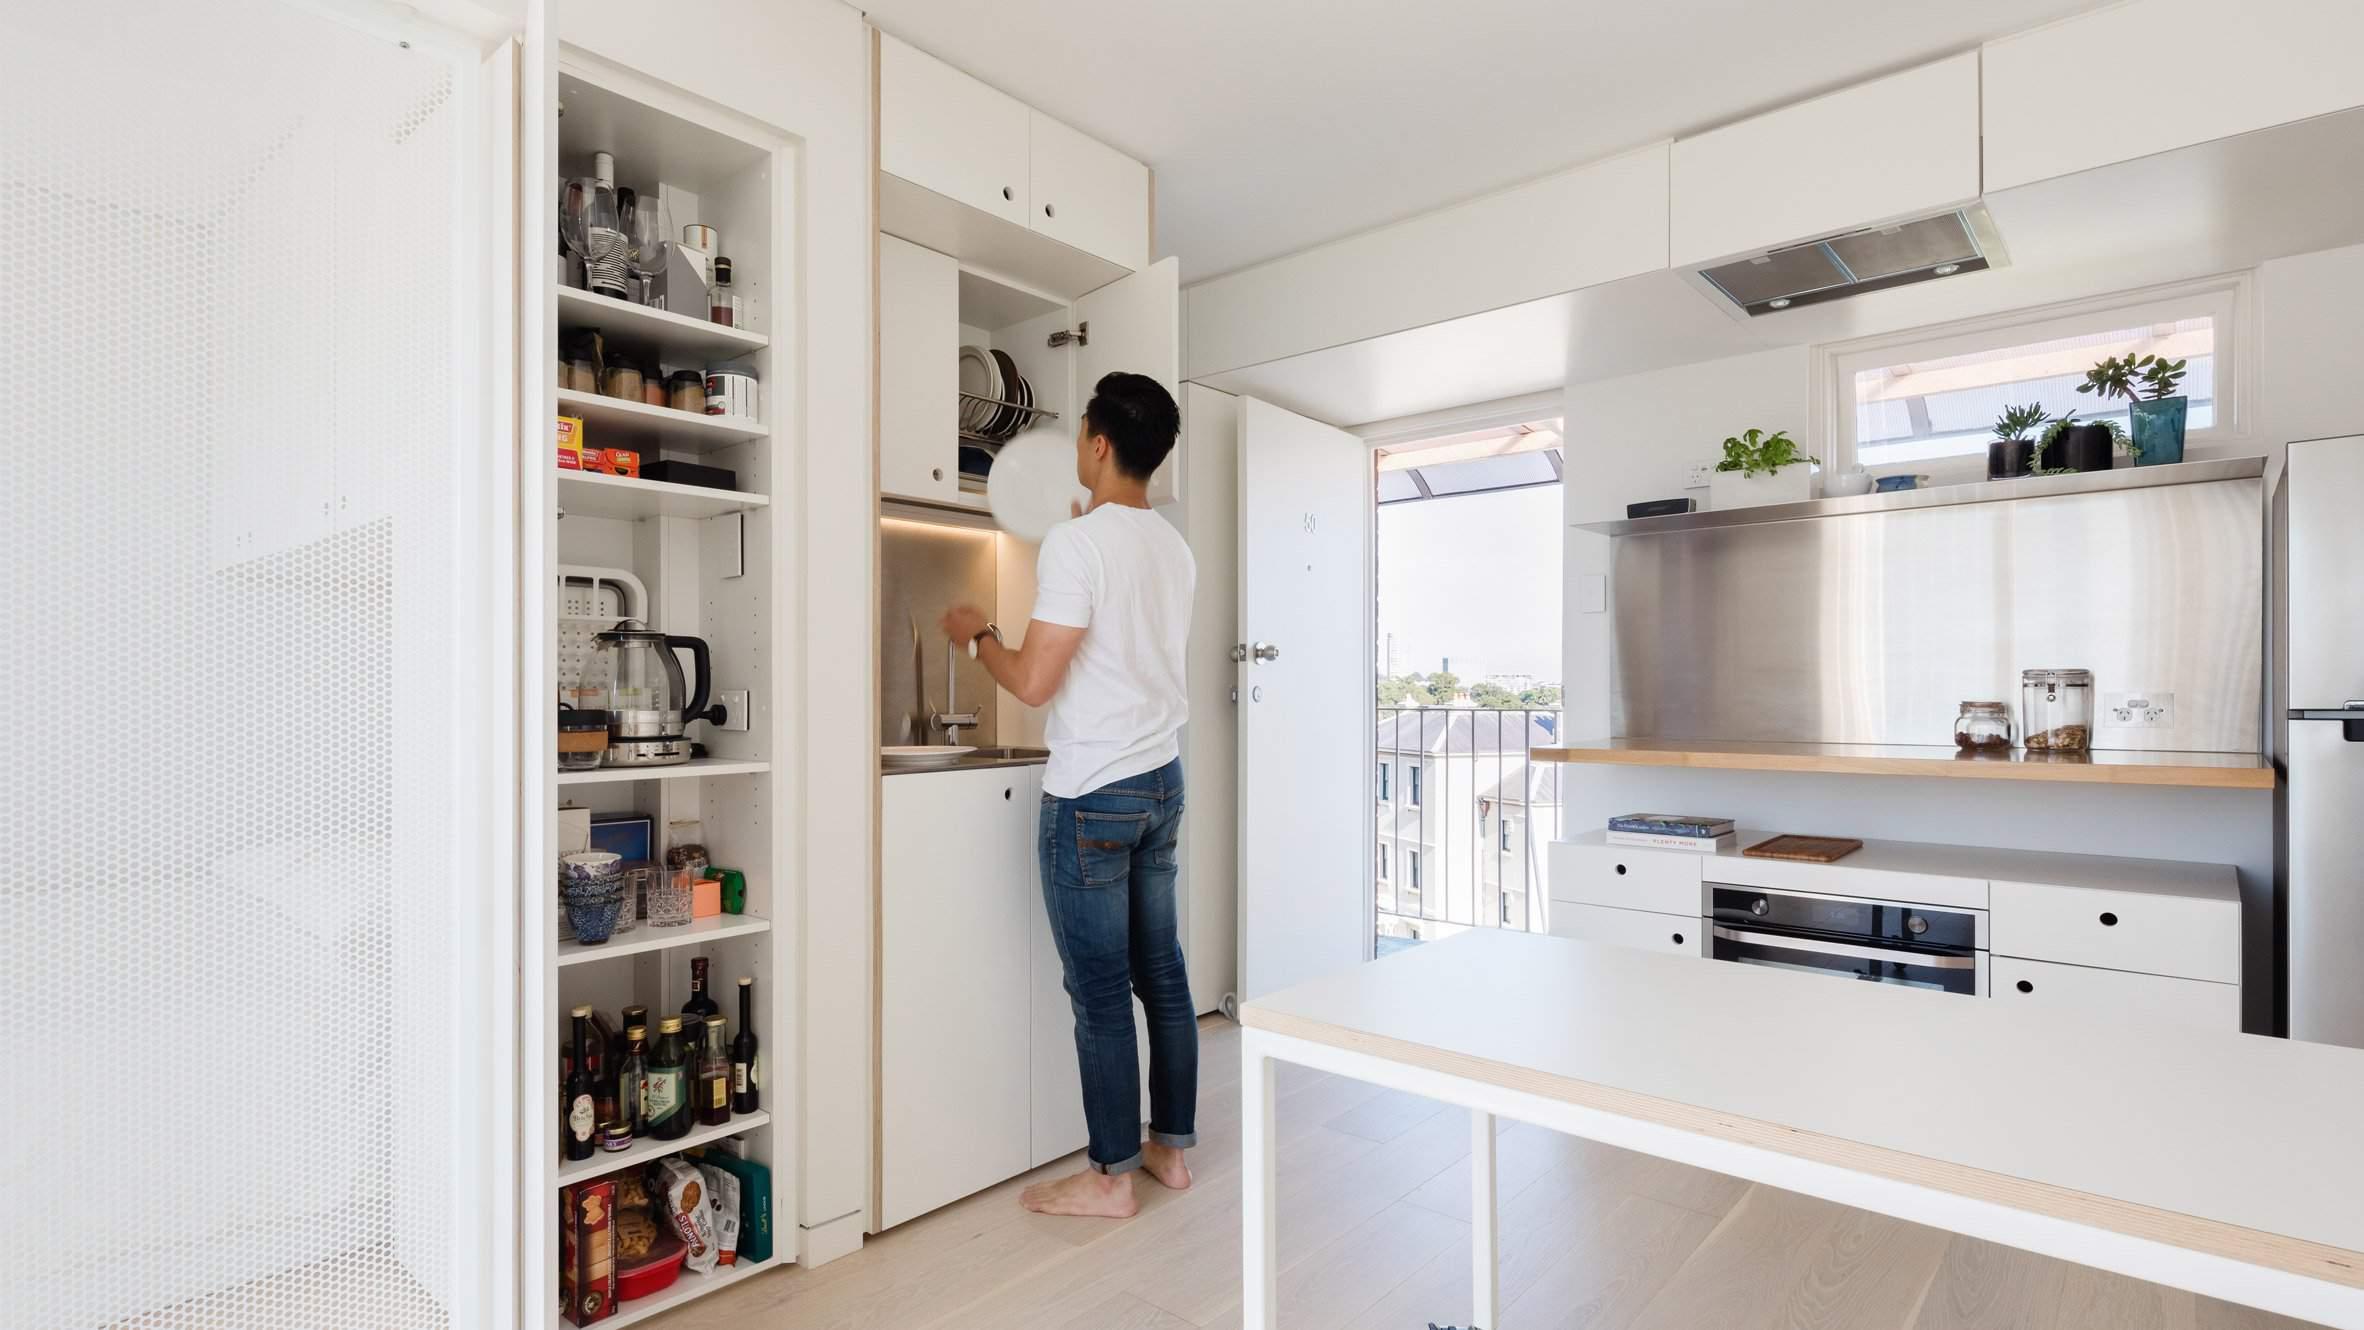 thiết kế nội thất chung cư 45m2, thiết kế chung cư 45m2 phòng bếp tinh tế